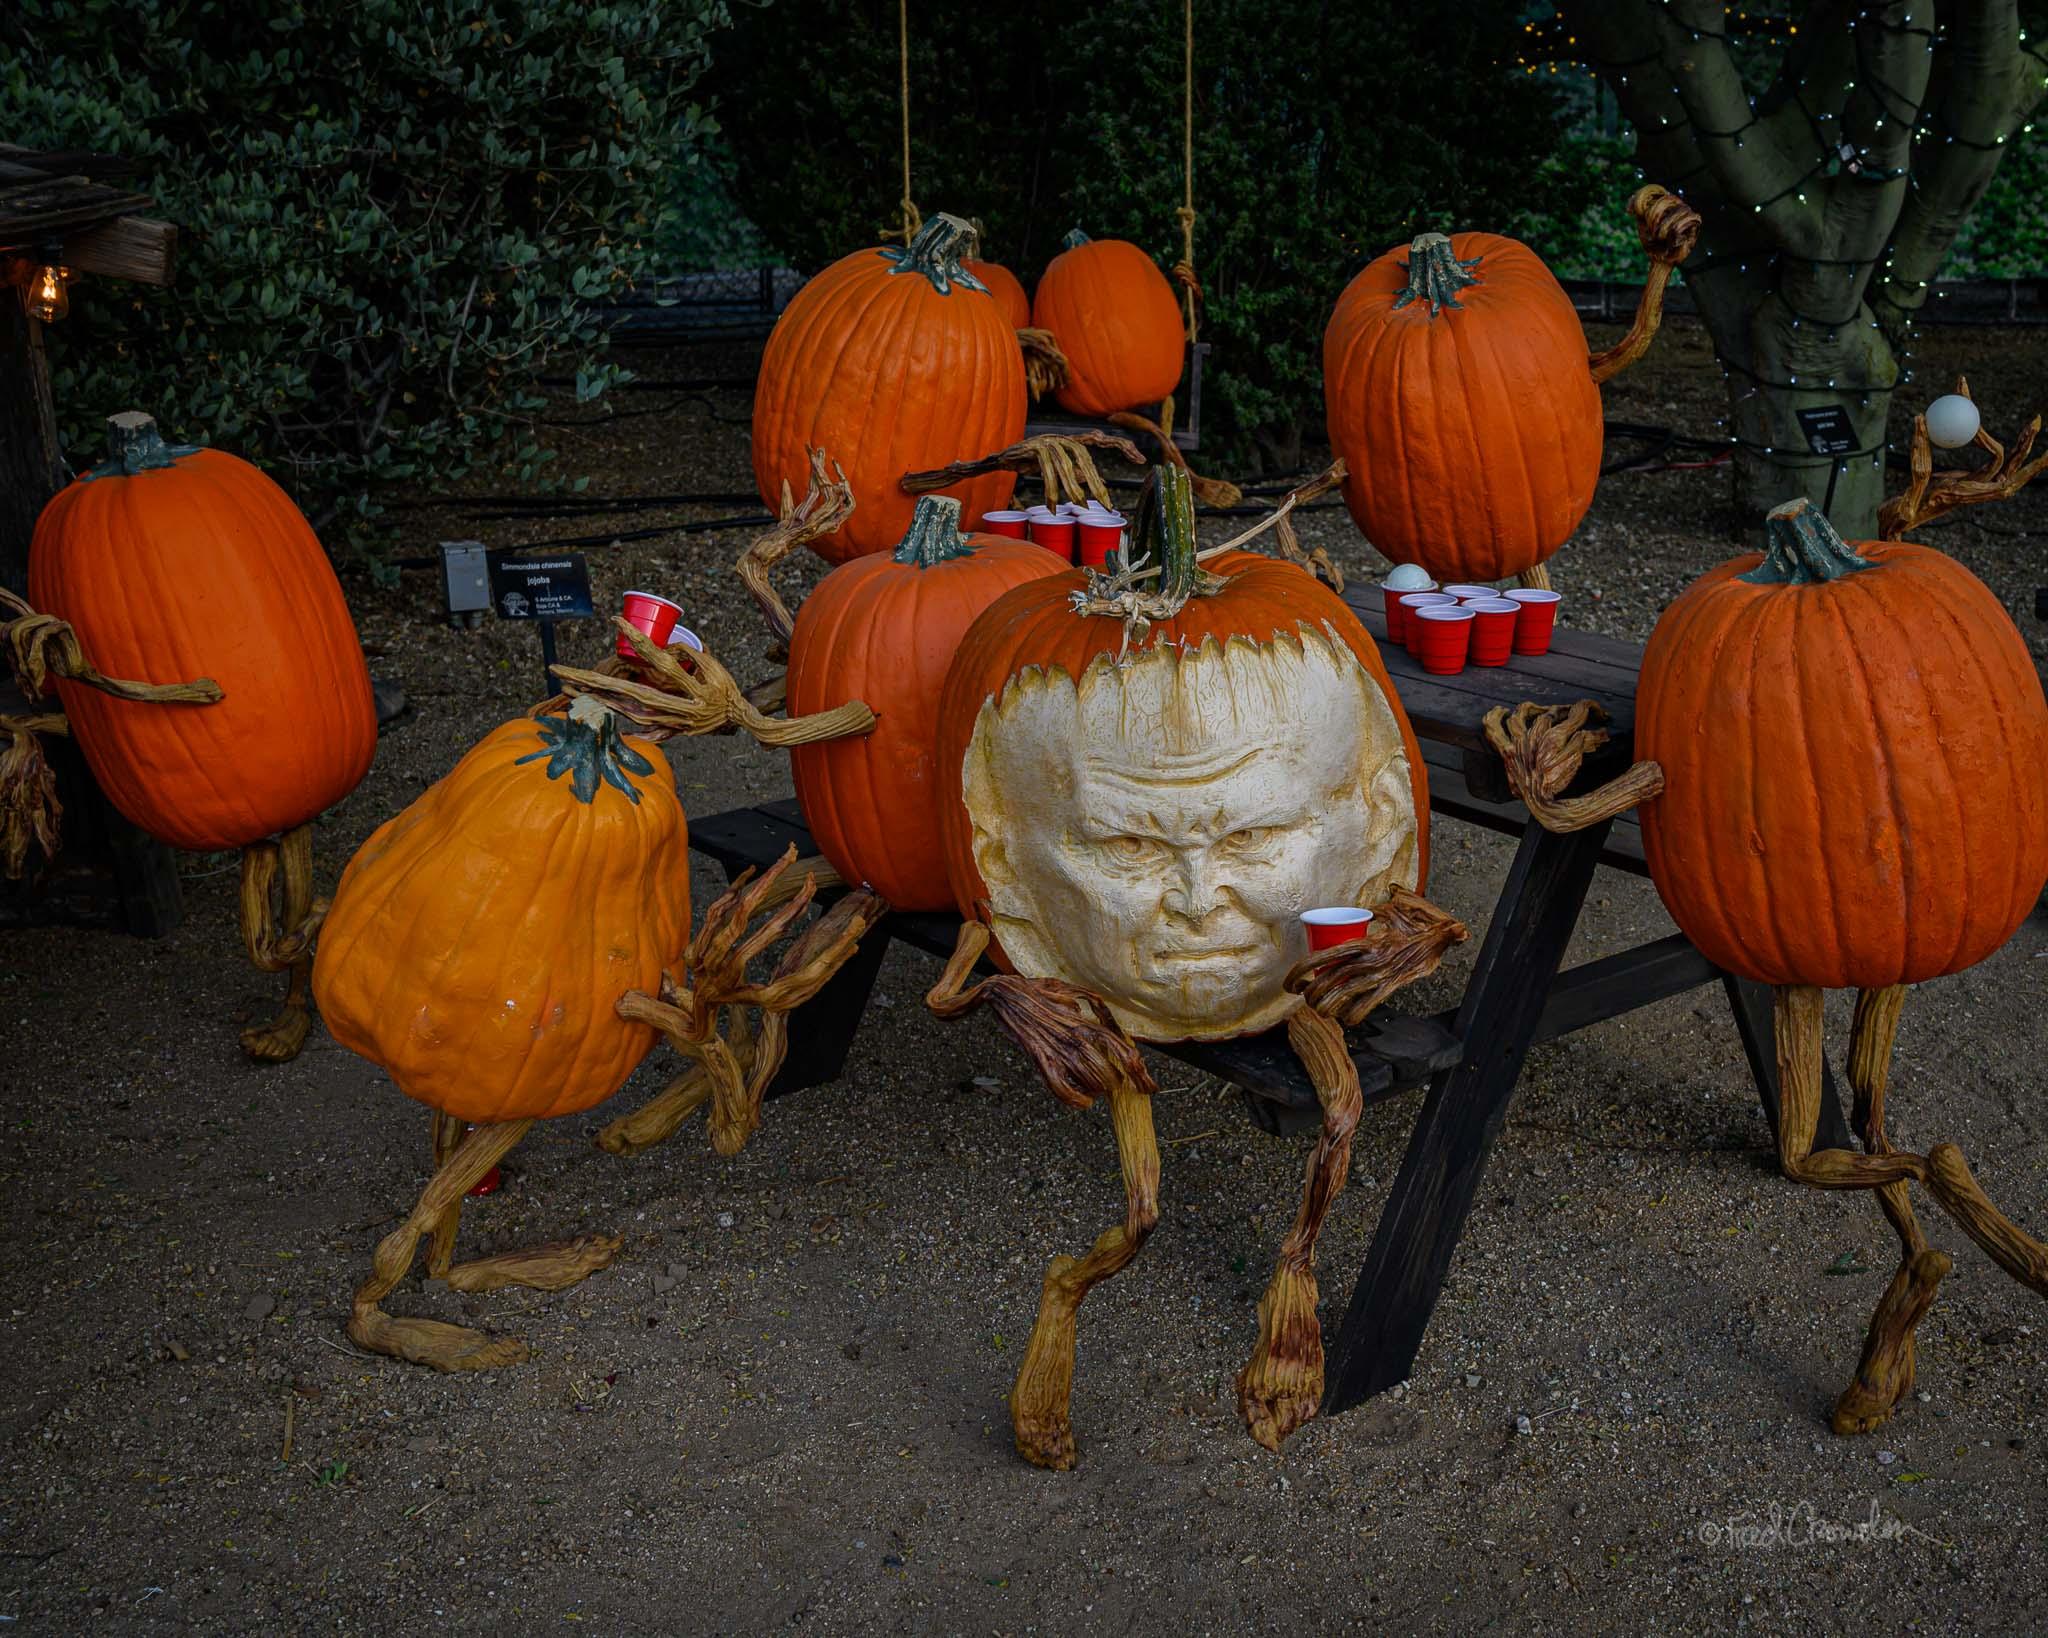 2019 10 24 Pumpkin Garden 4983 Web